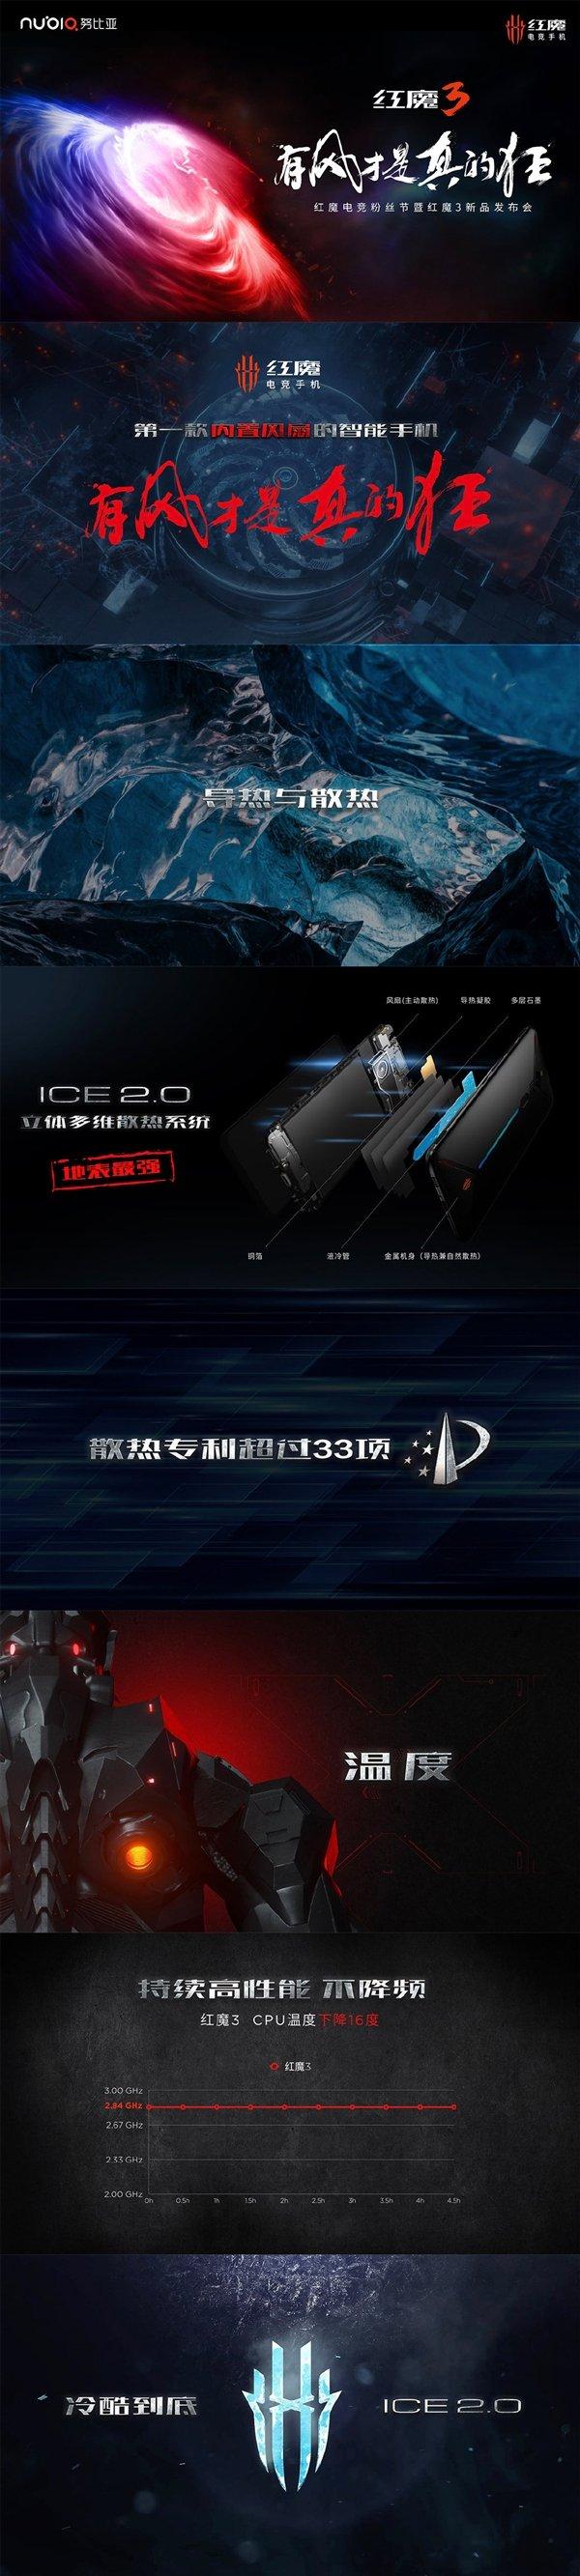 努比亚红魔3电竞手机发布:骁龙855+5000mAh